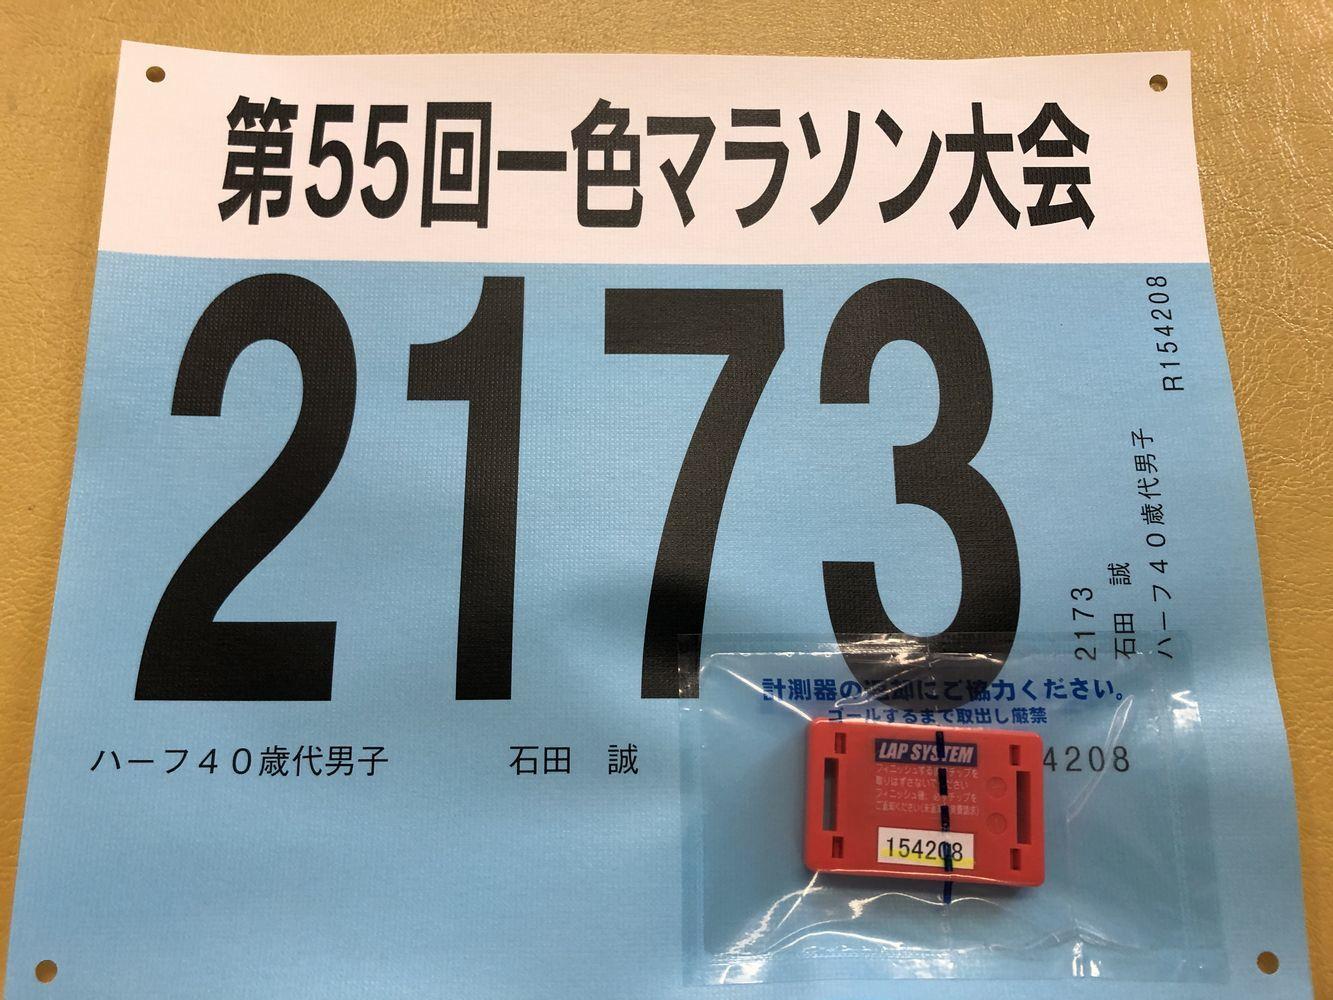 第55回一色マラソン大会_c0234975_09024135.jpg